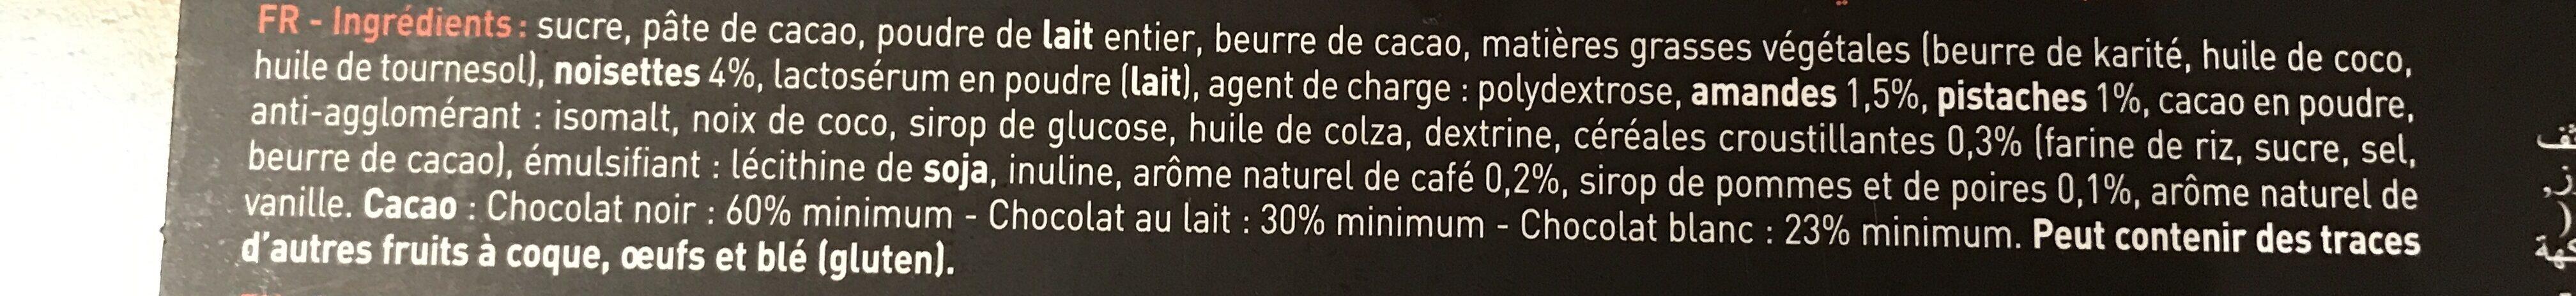 Etui Cadeau 18 Mini-pralinenriegel - Ingrédients - fr